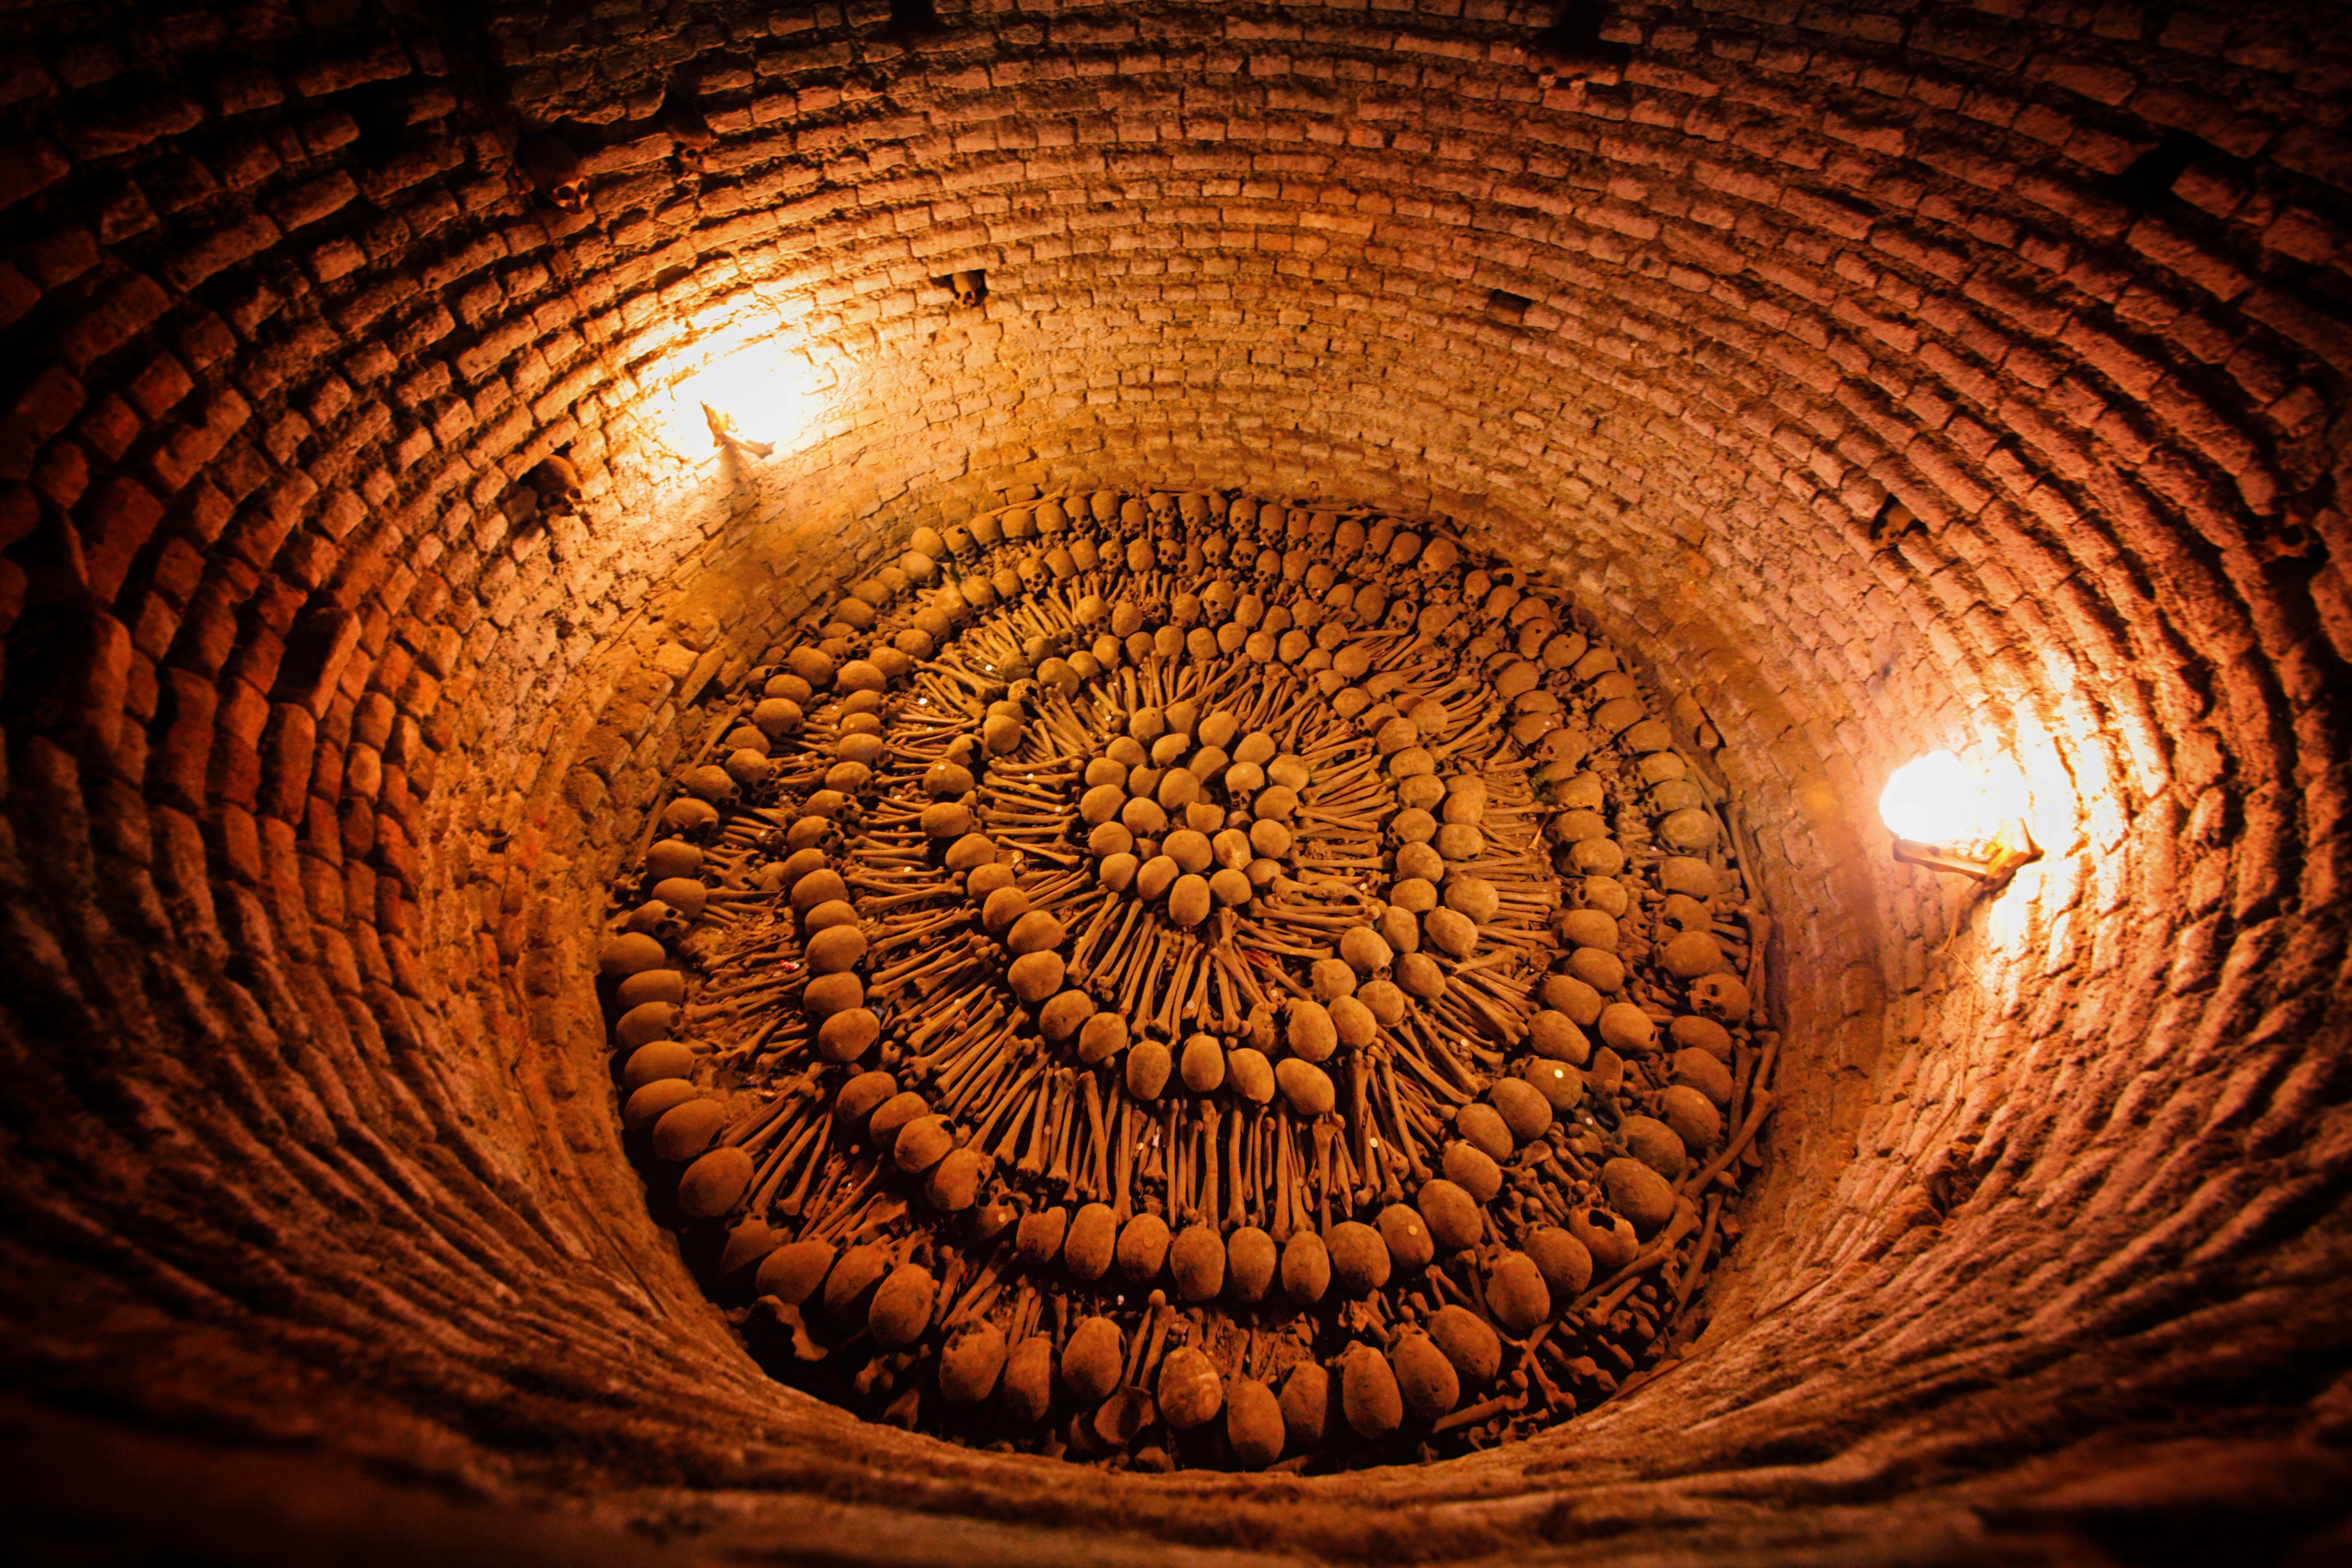 Túneles subterráneos por el subsuelo de Lima, sólo apto para valientes - Perú Gran Viaje Descubrimiento del Perú